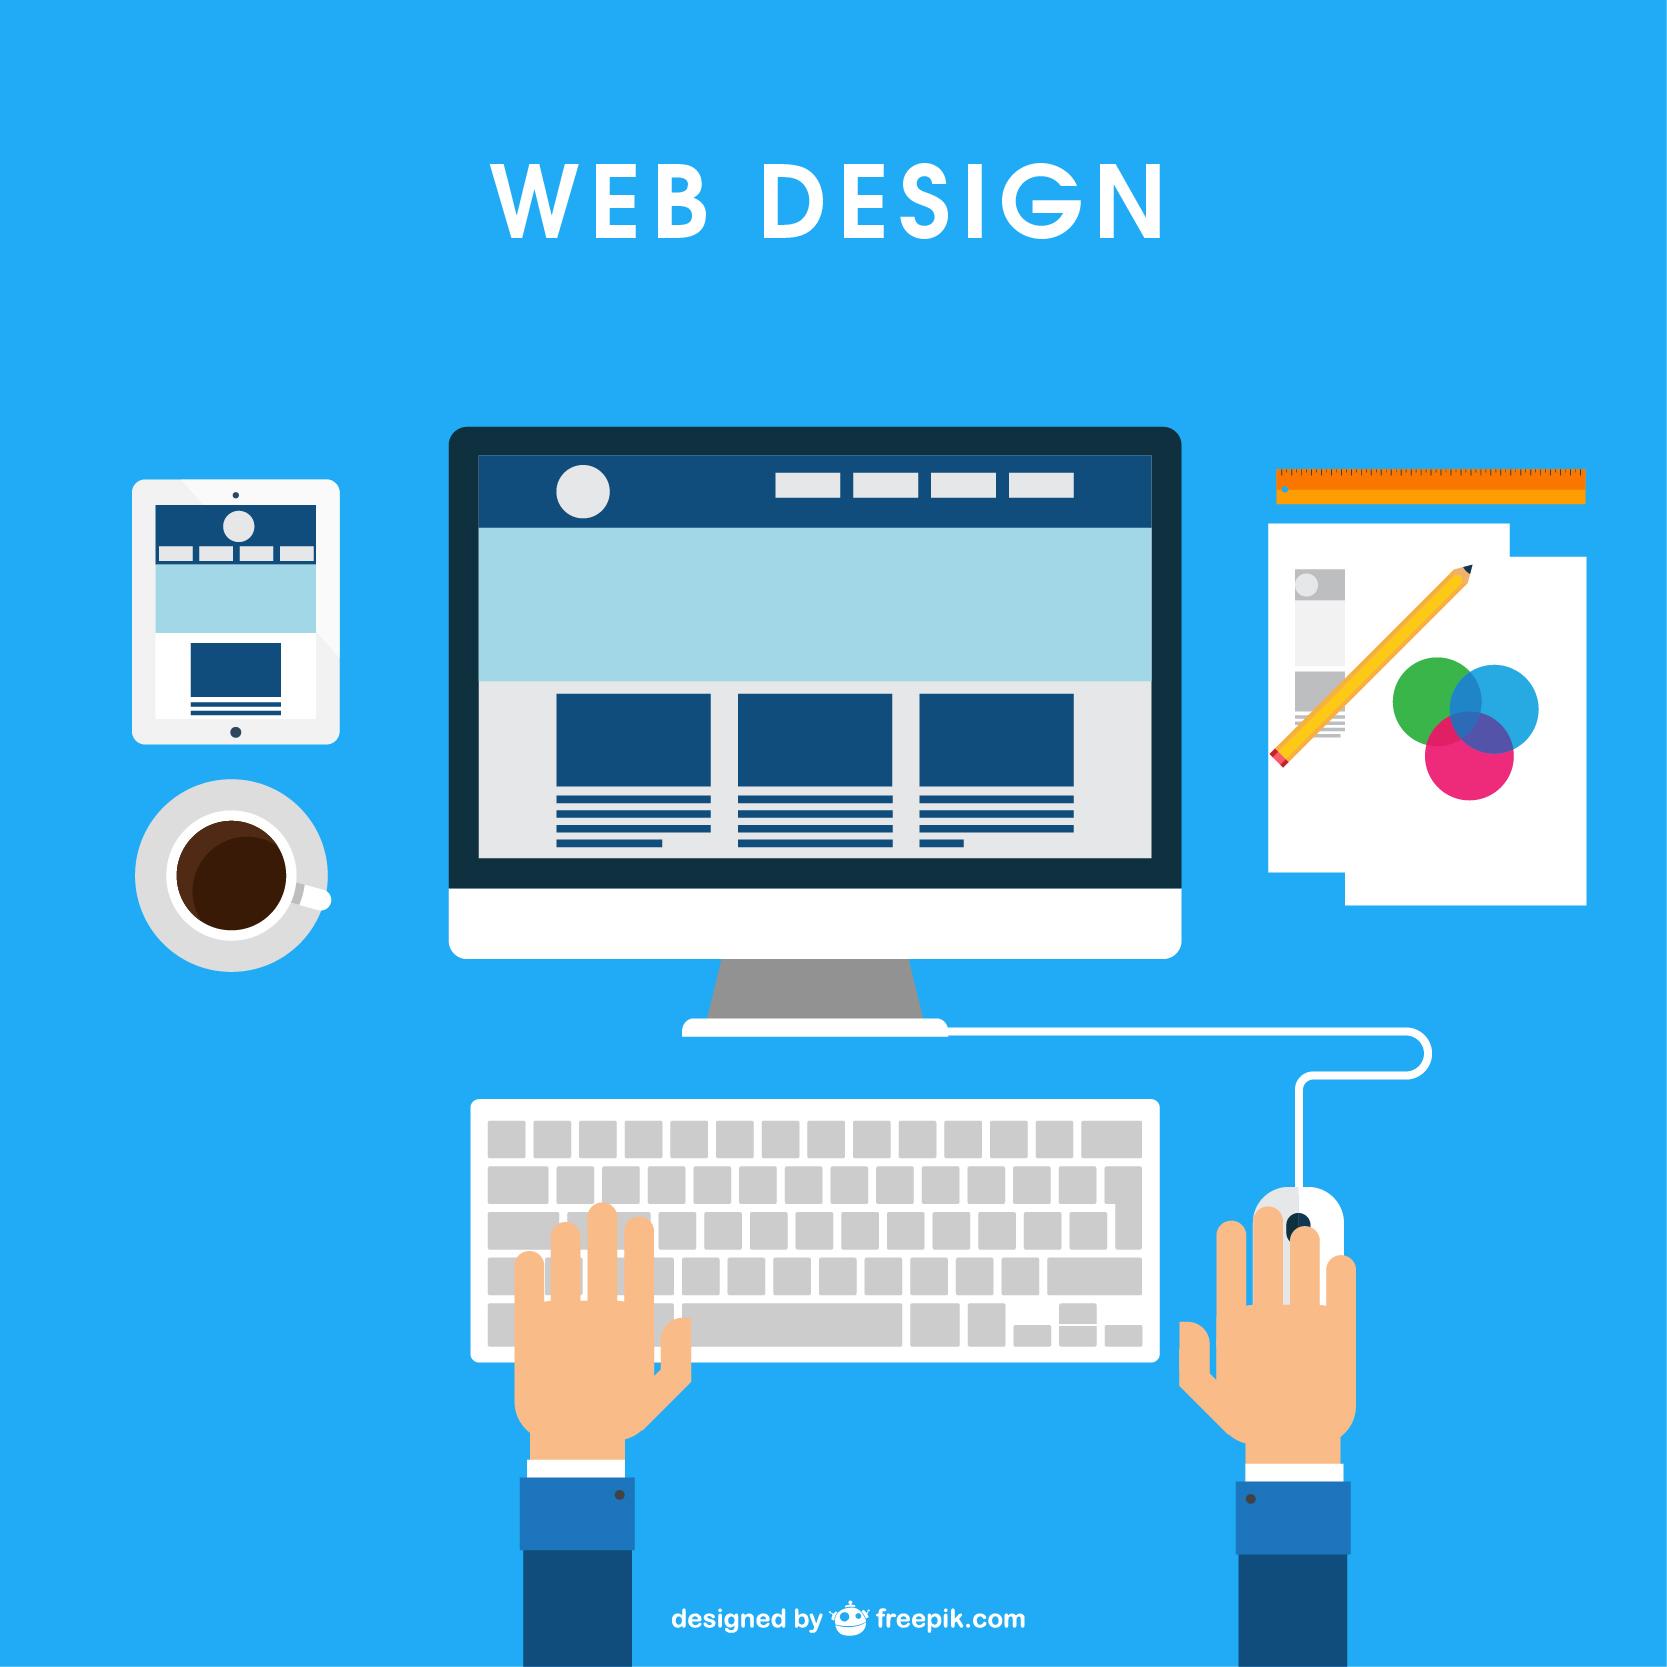 HTML, Bootstrap Framework & jQuery